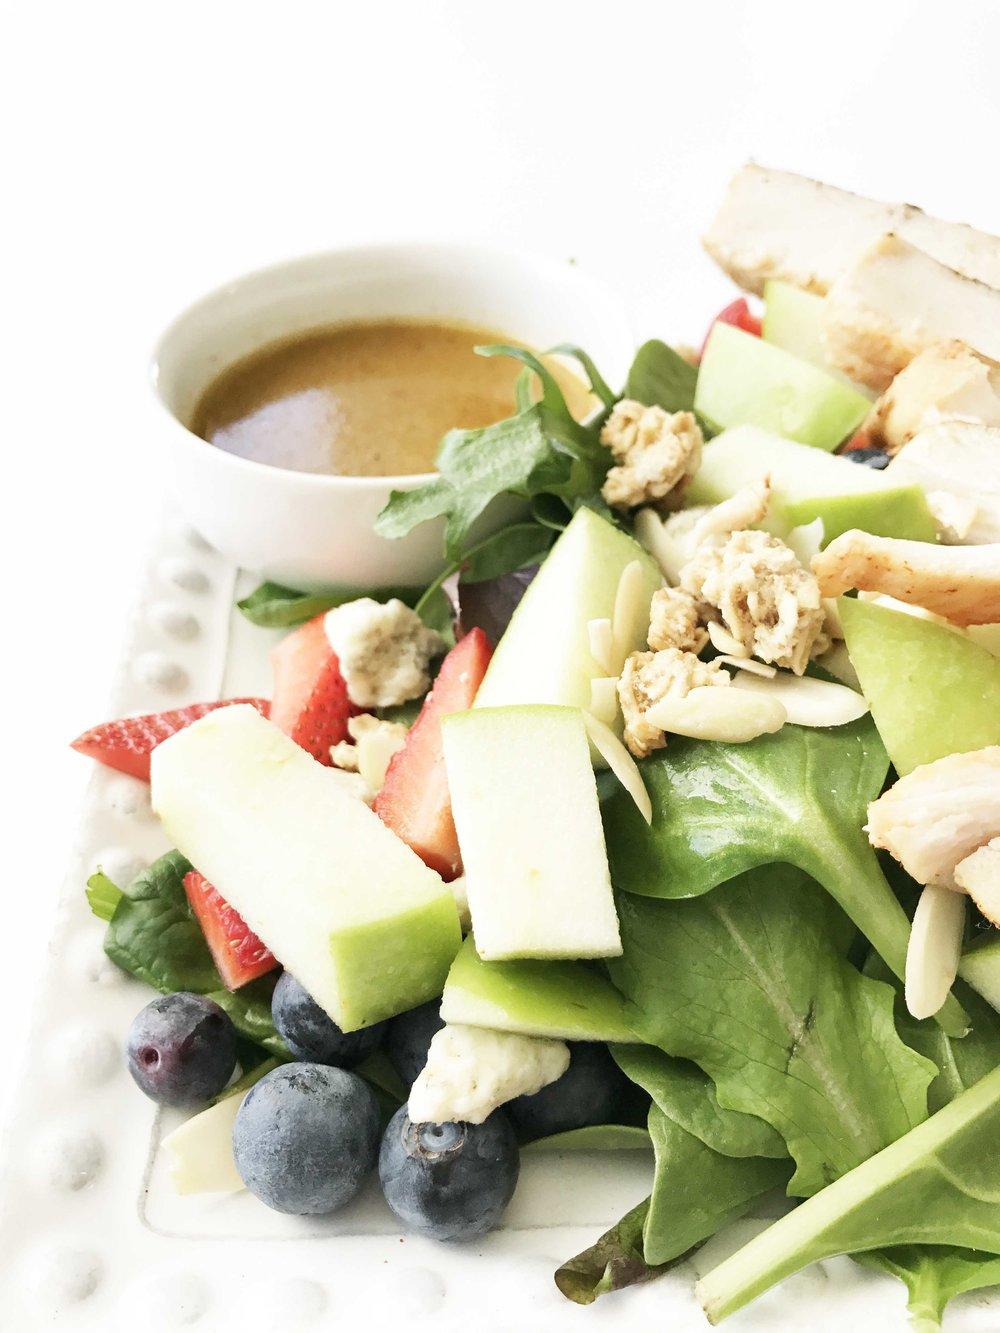 chick-fil-a-salad2.jpg